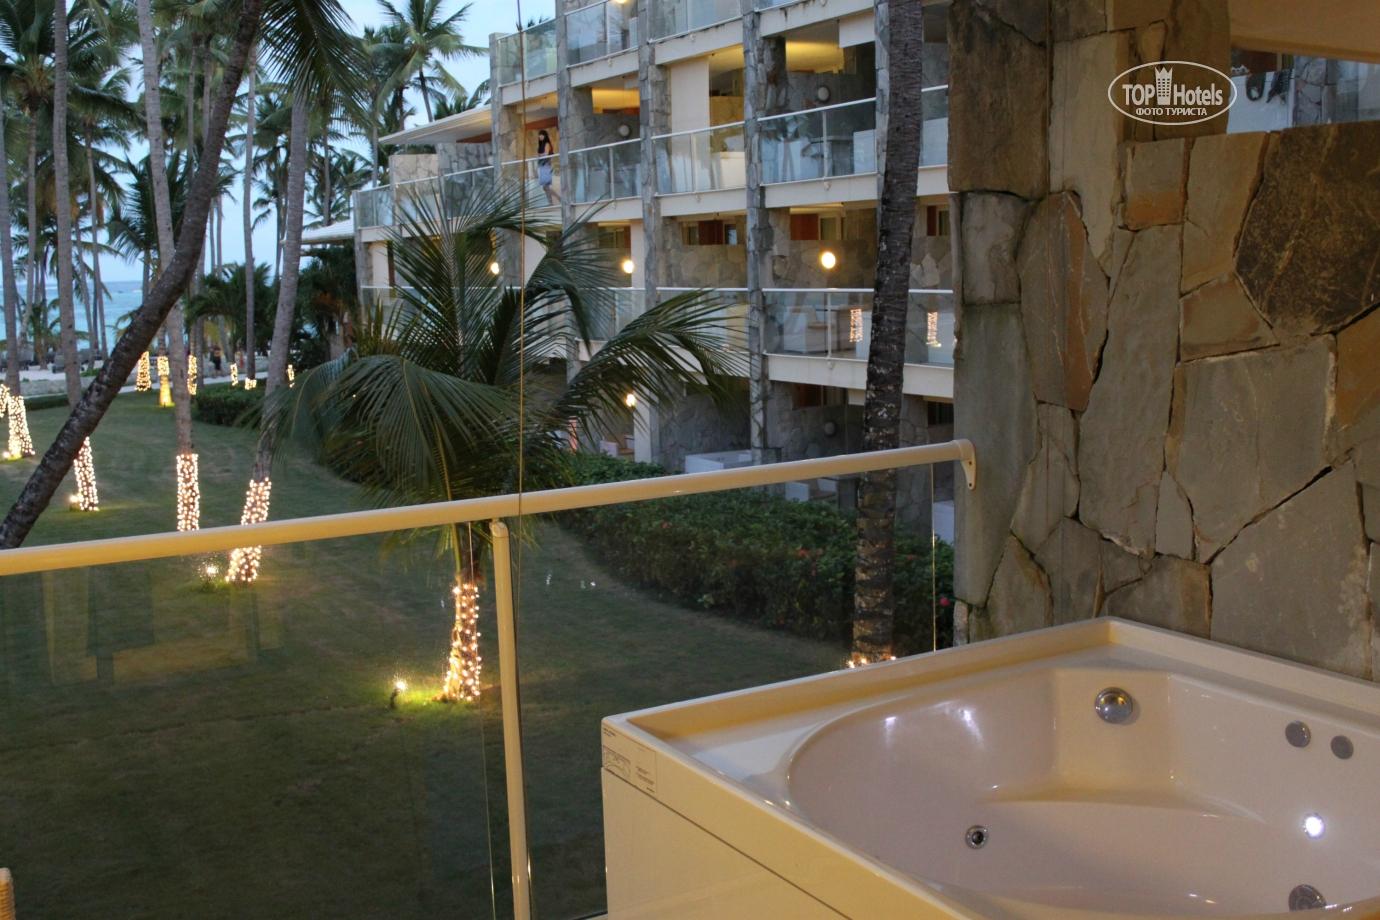 Находились в отеле с 18 января по 26 января года.